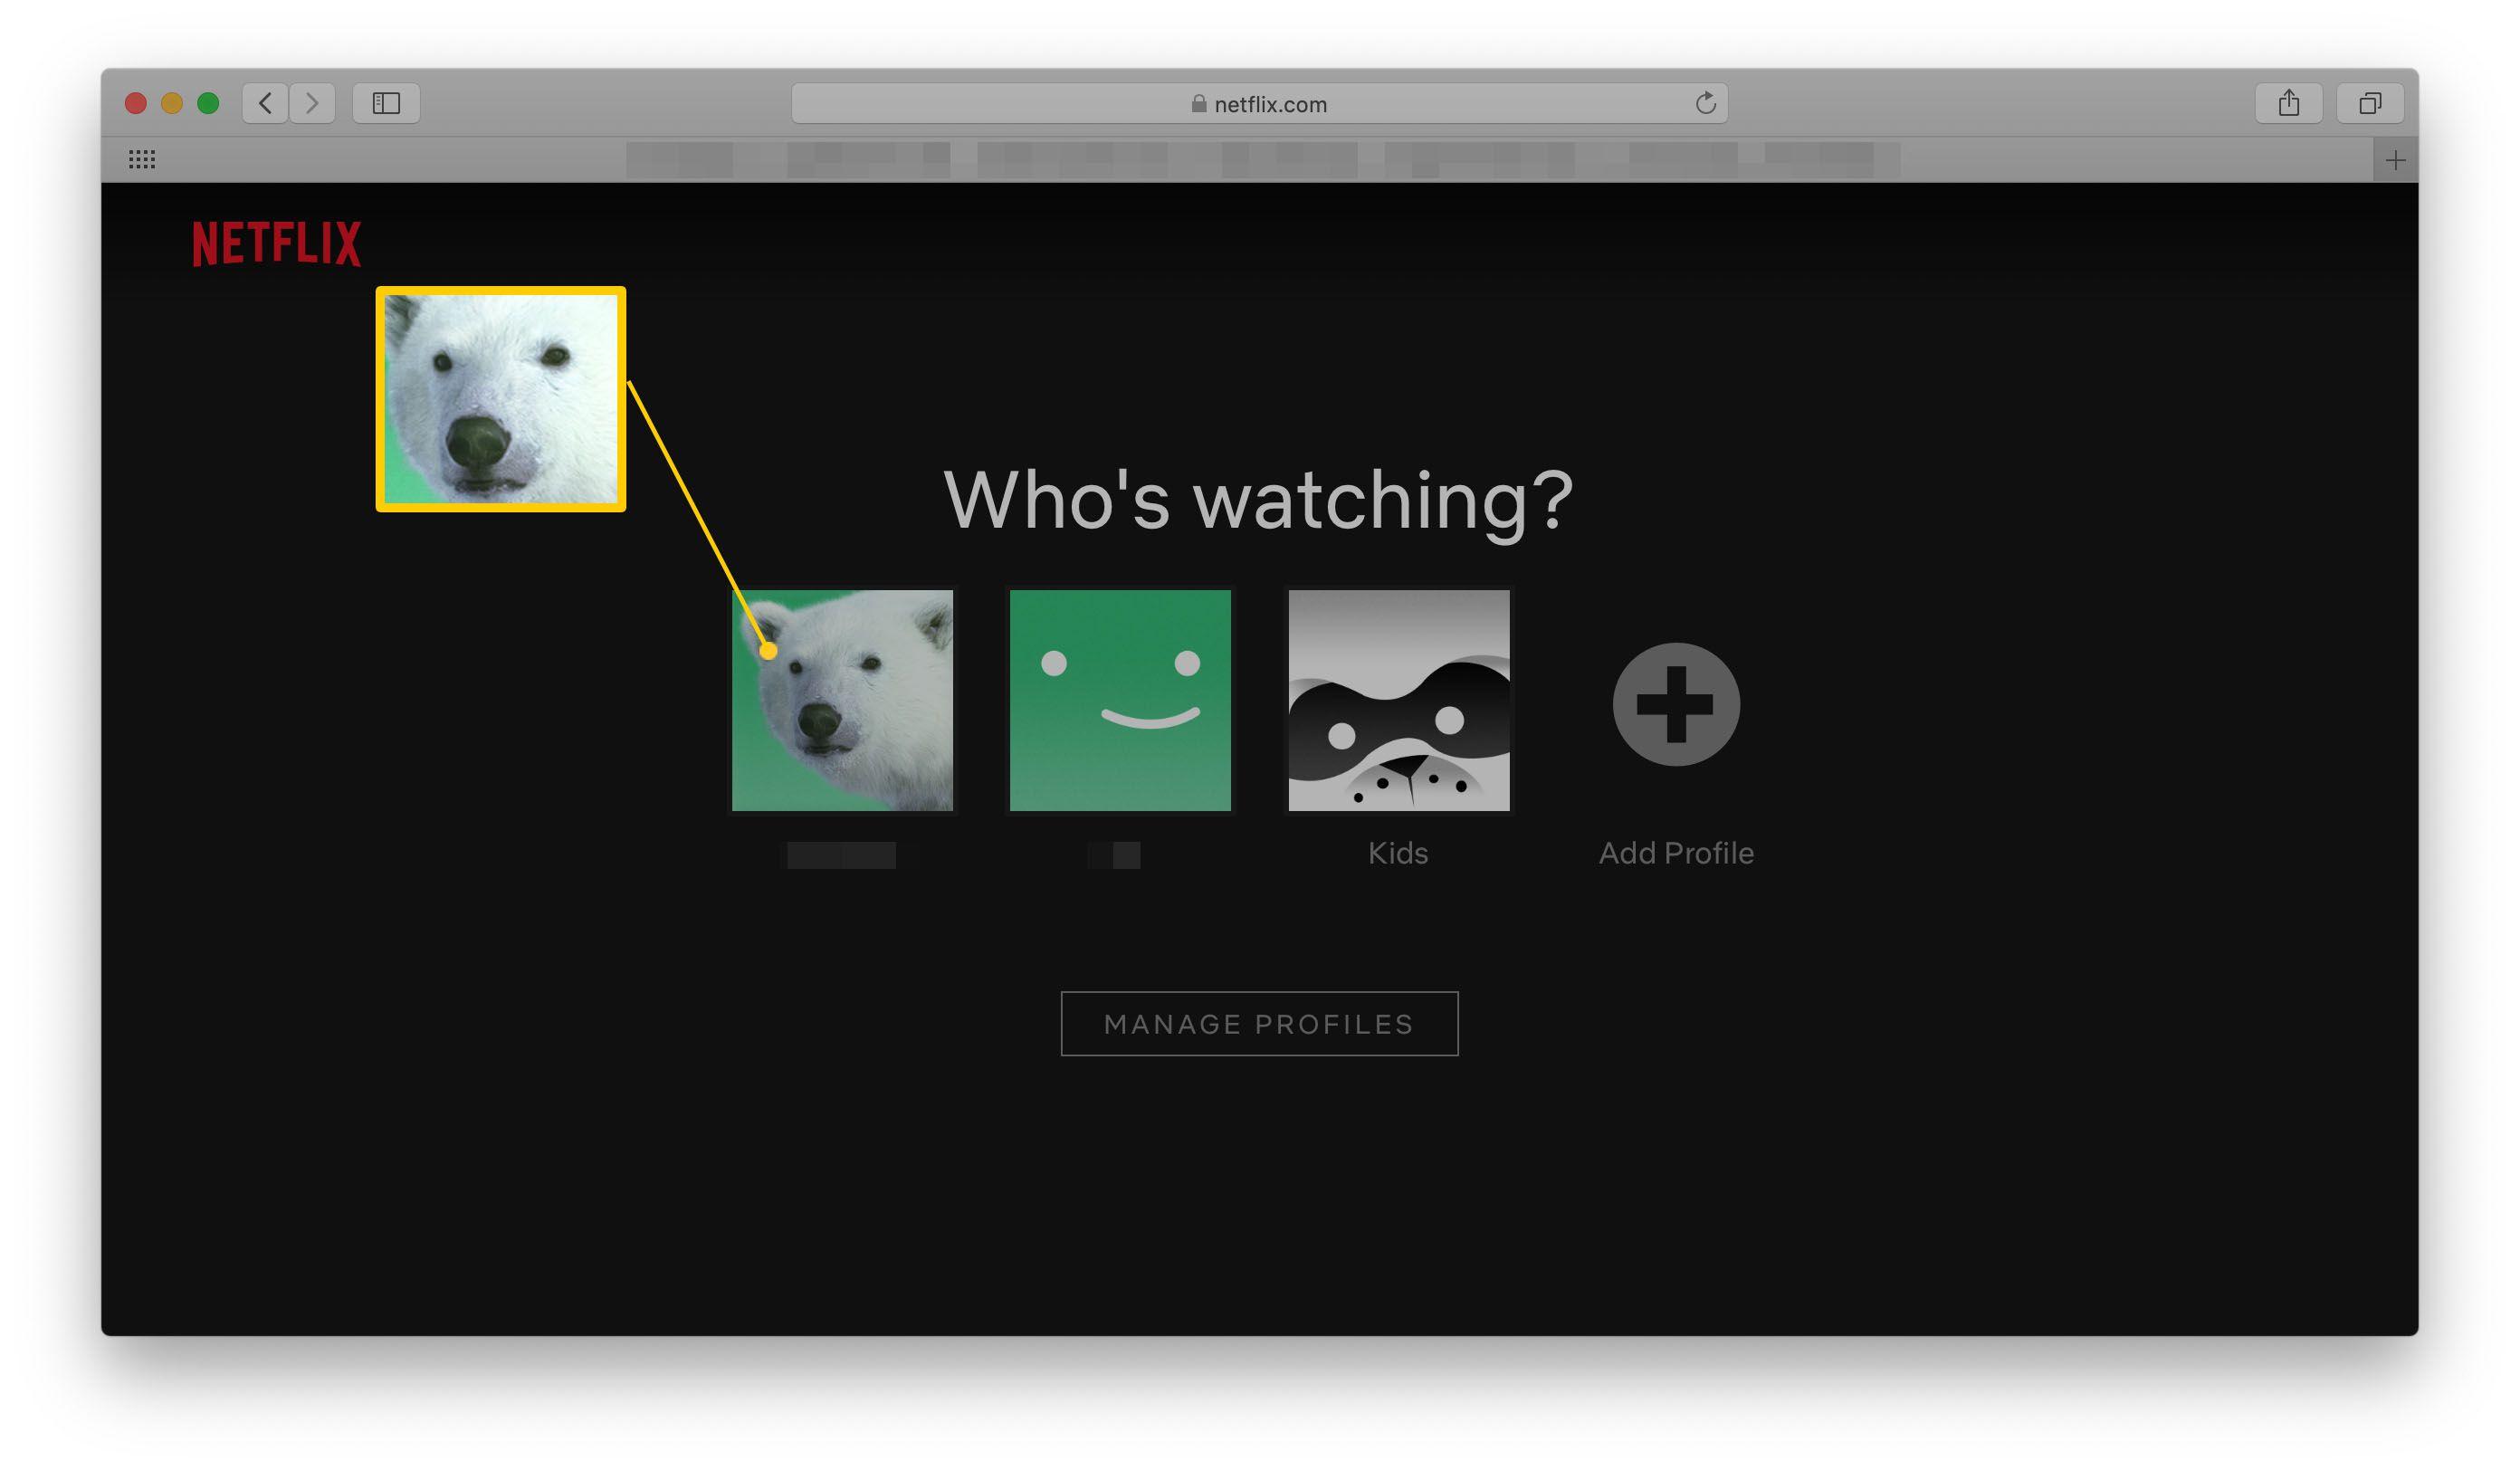 Netflix profile page